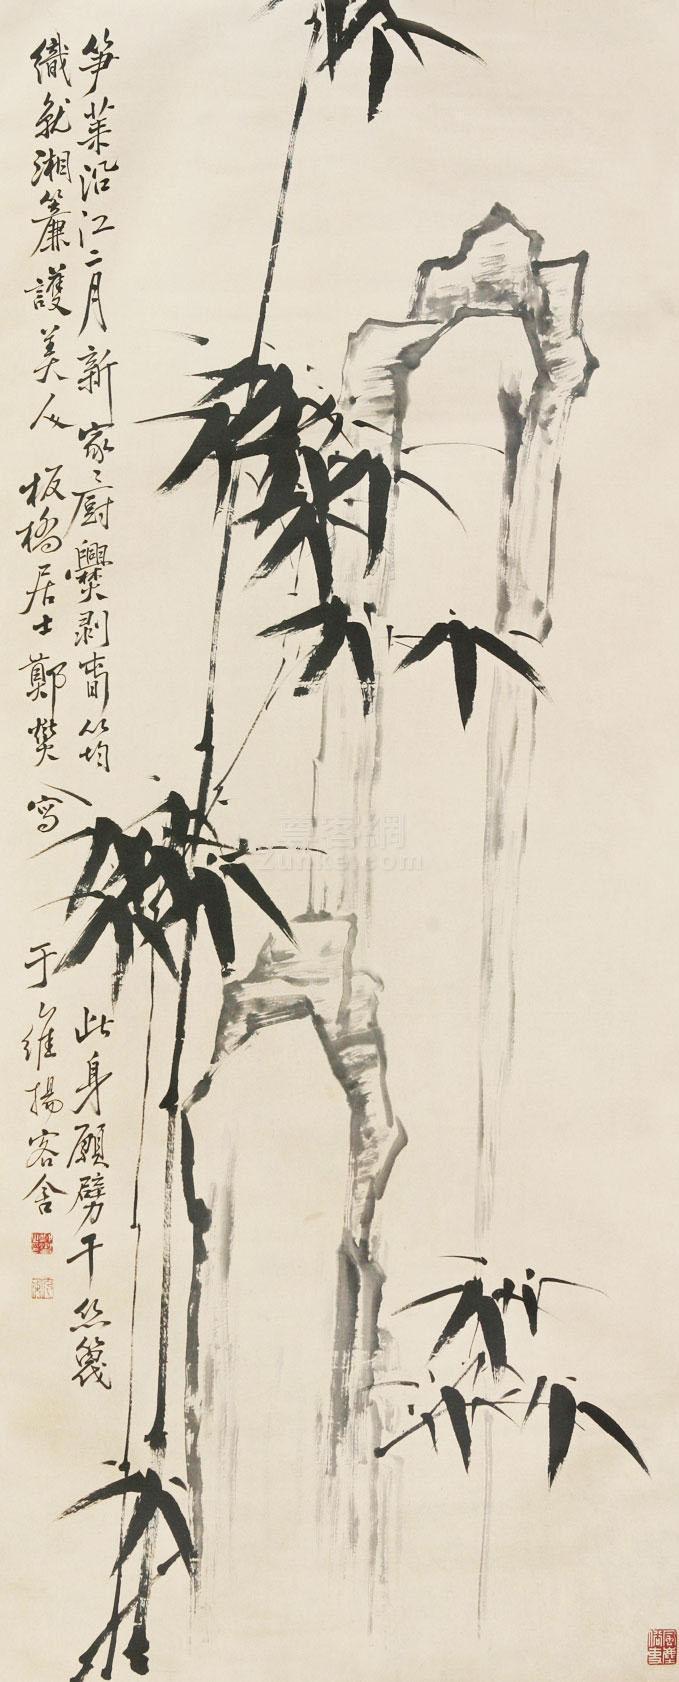 郑板桥 竹石图 立轴 水墨纸本作品欣赏